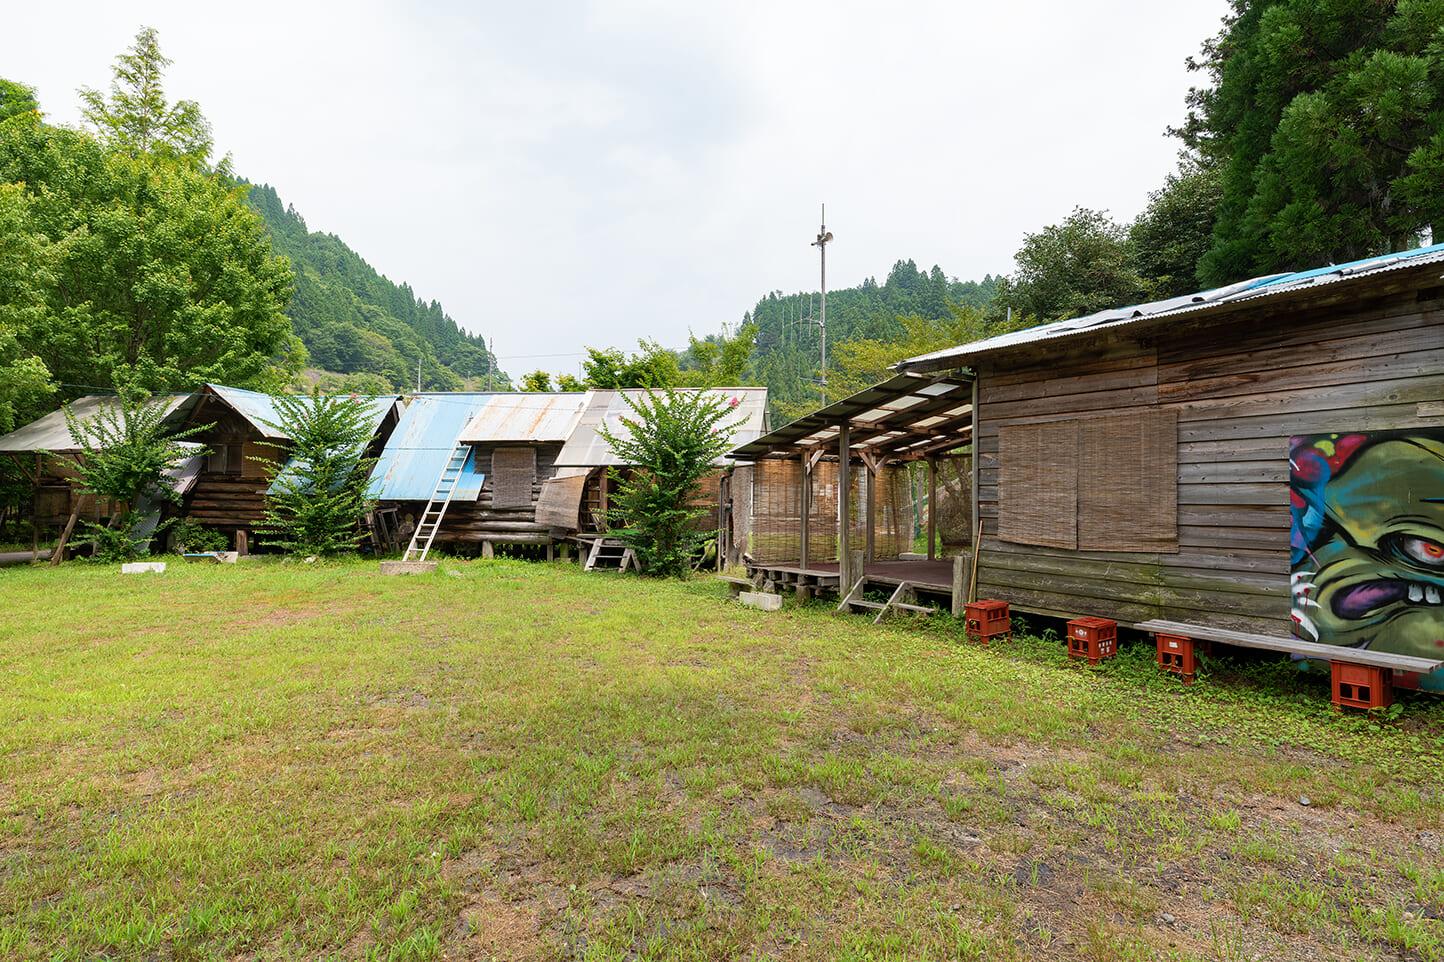 郡上八幡レインボーオートキャンプ場 スライダー画像1